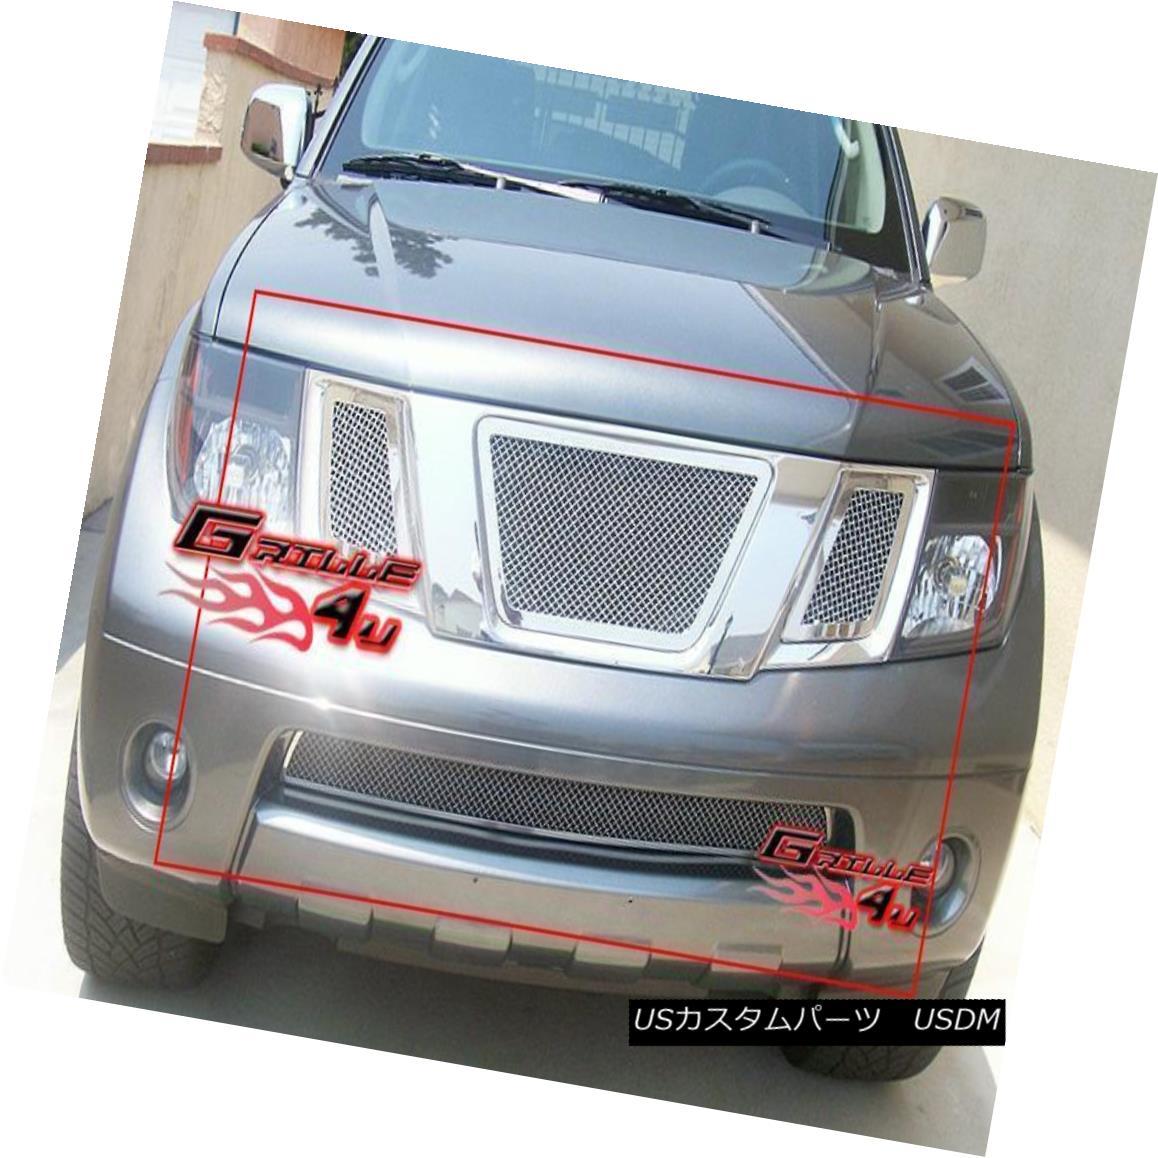 グリル Fits 2005-2007 Nissan Pathfinder/ Frontier Mesh Grille Combo フィット2005-2007日産パスファインダー/フロンティアメッシュグリルコンボ